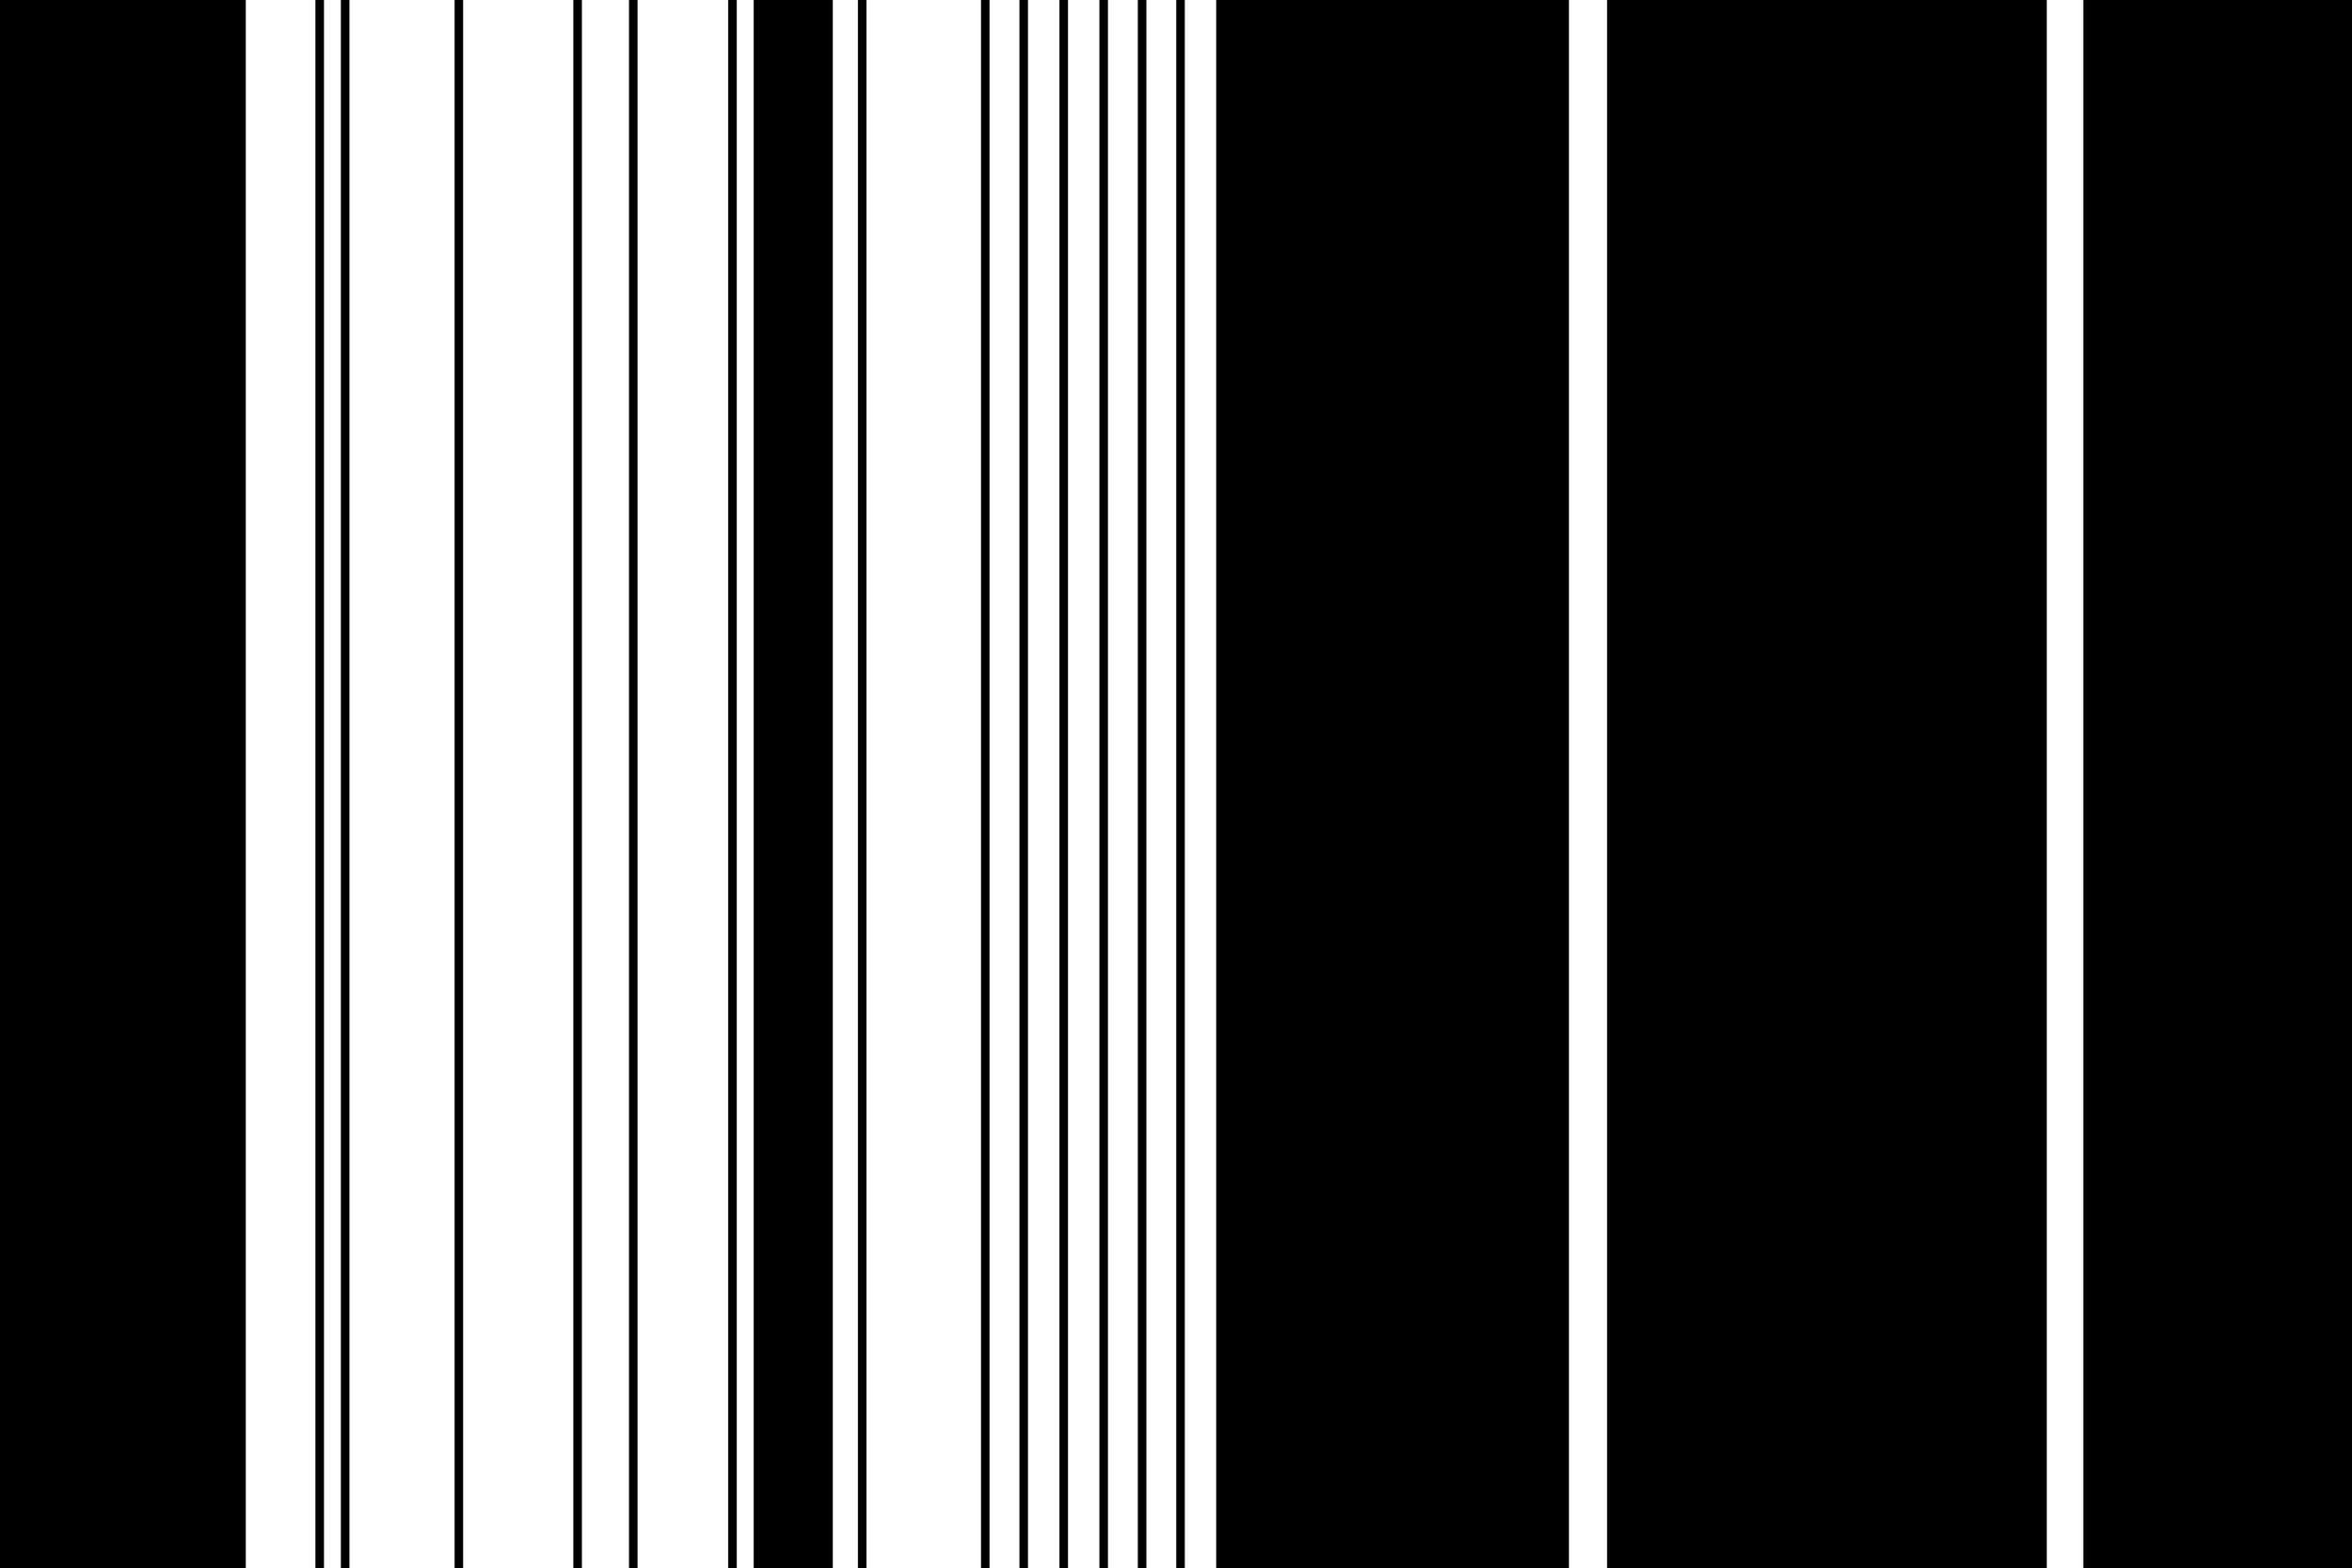 bc3.jpg